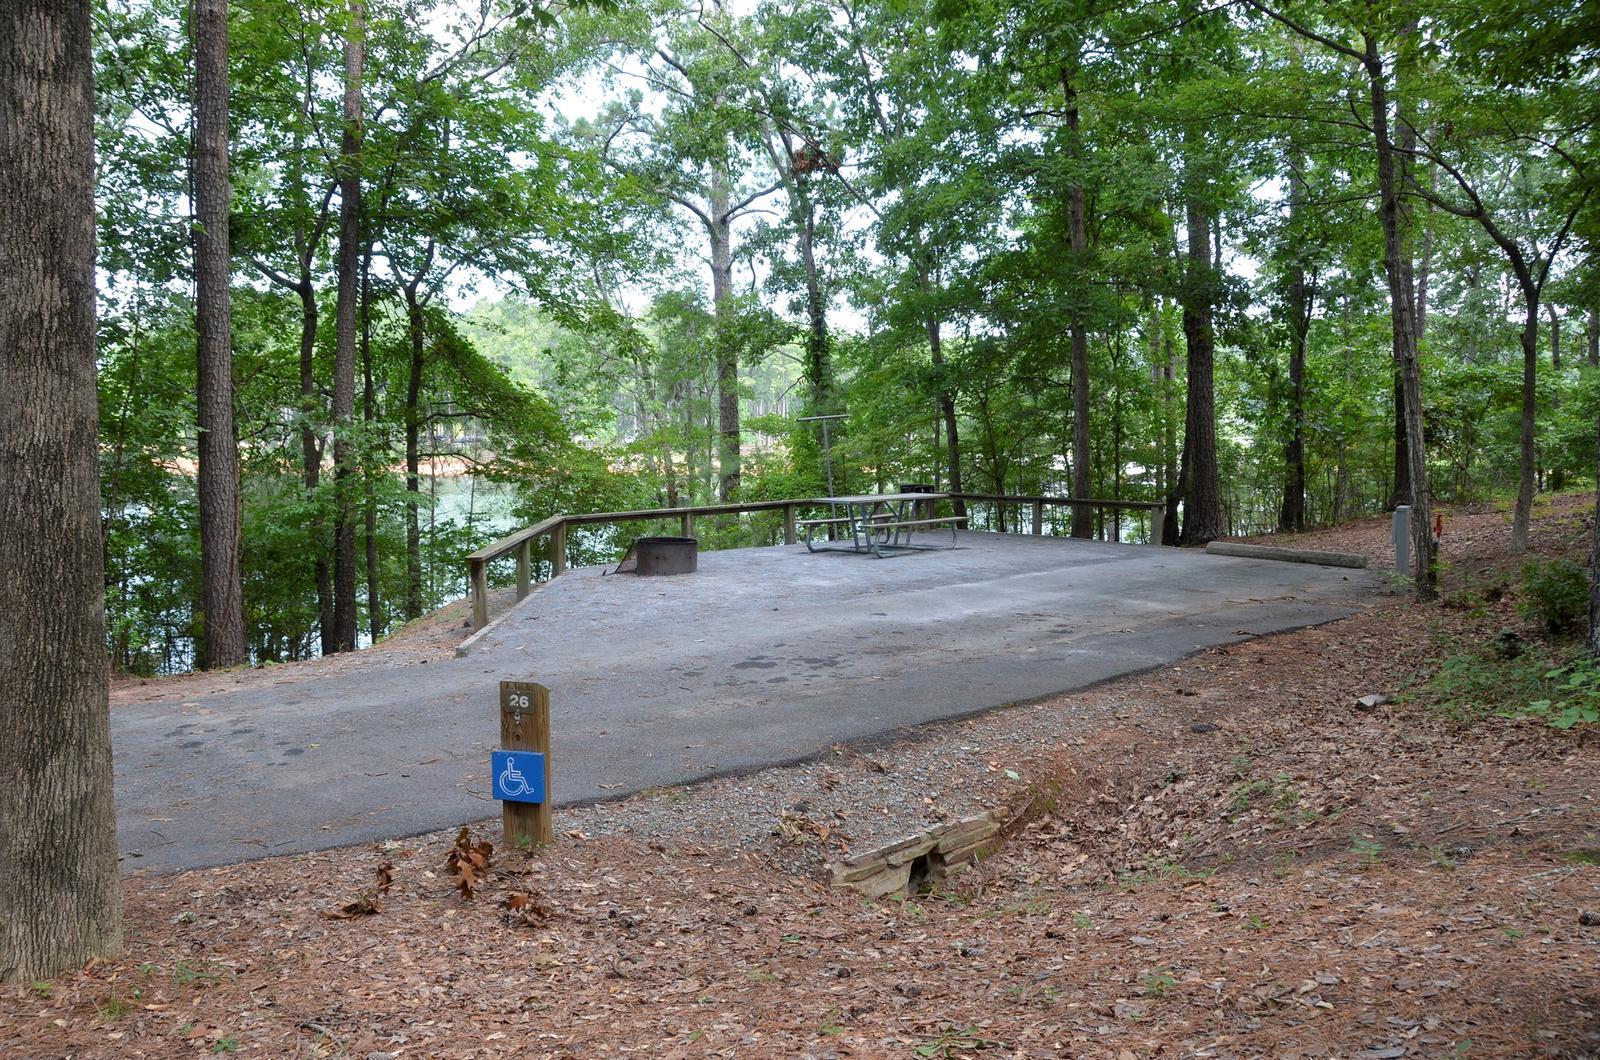 McKinney Campground Site 26